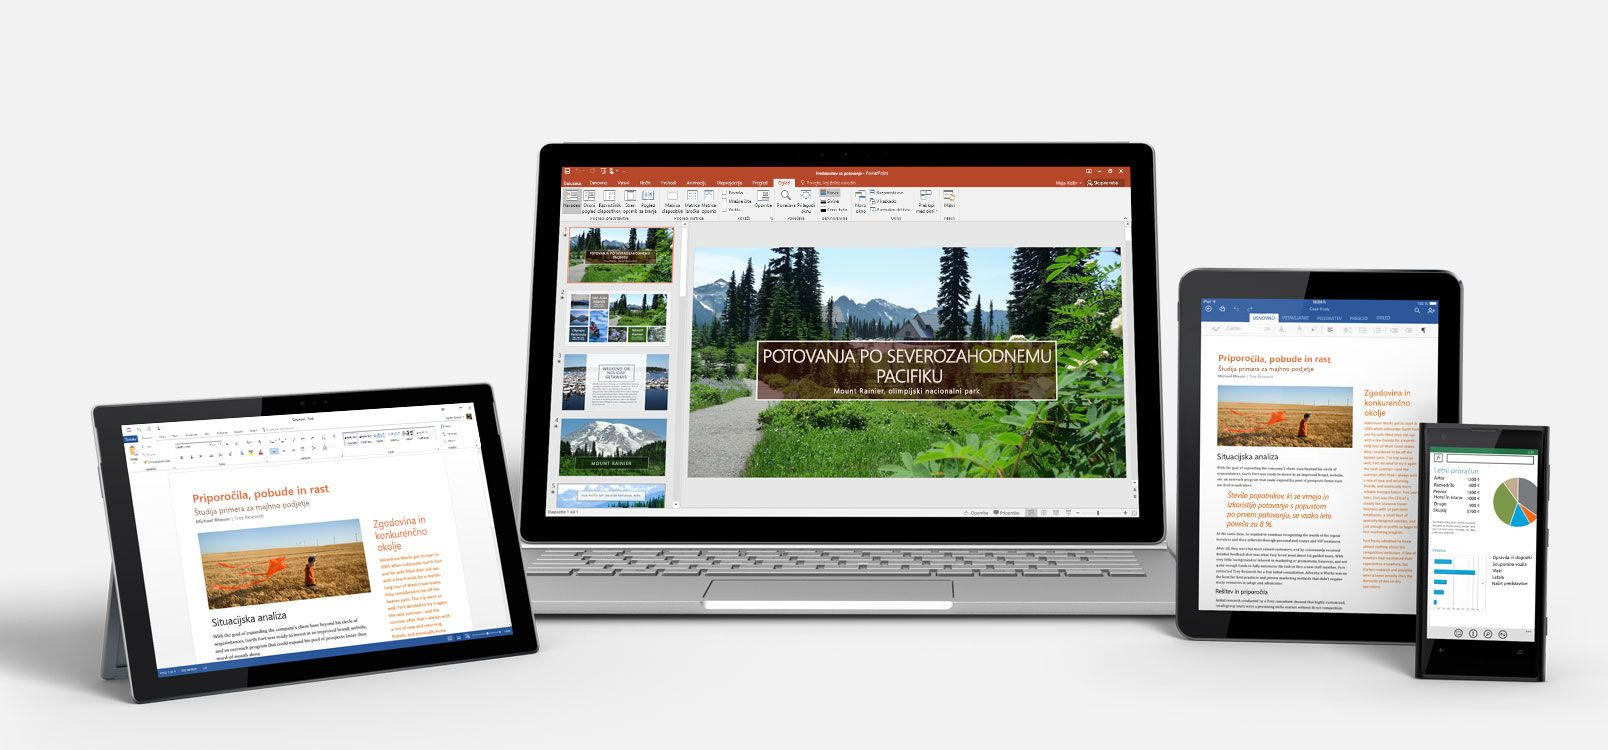 Tablični računalnik s sistemom Windows, prenosnik, iPad in pametni telefon, v katerem je prikazana storitev Office 365 v uporabi.